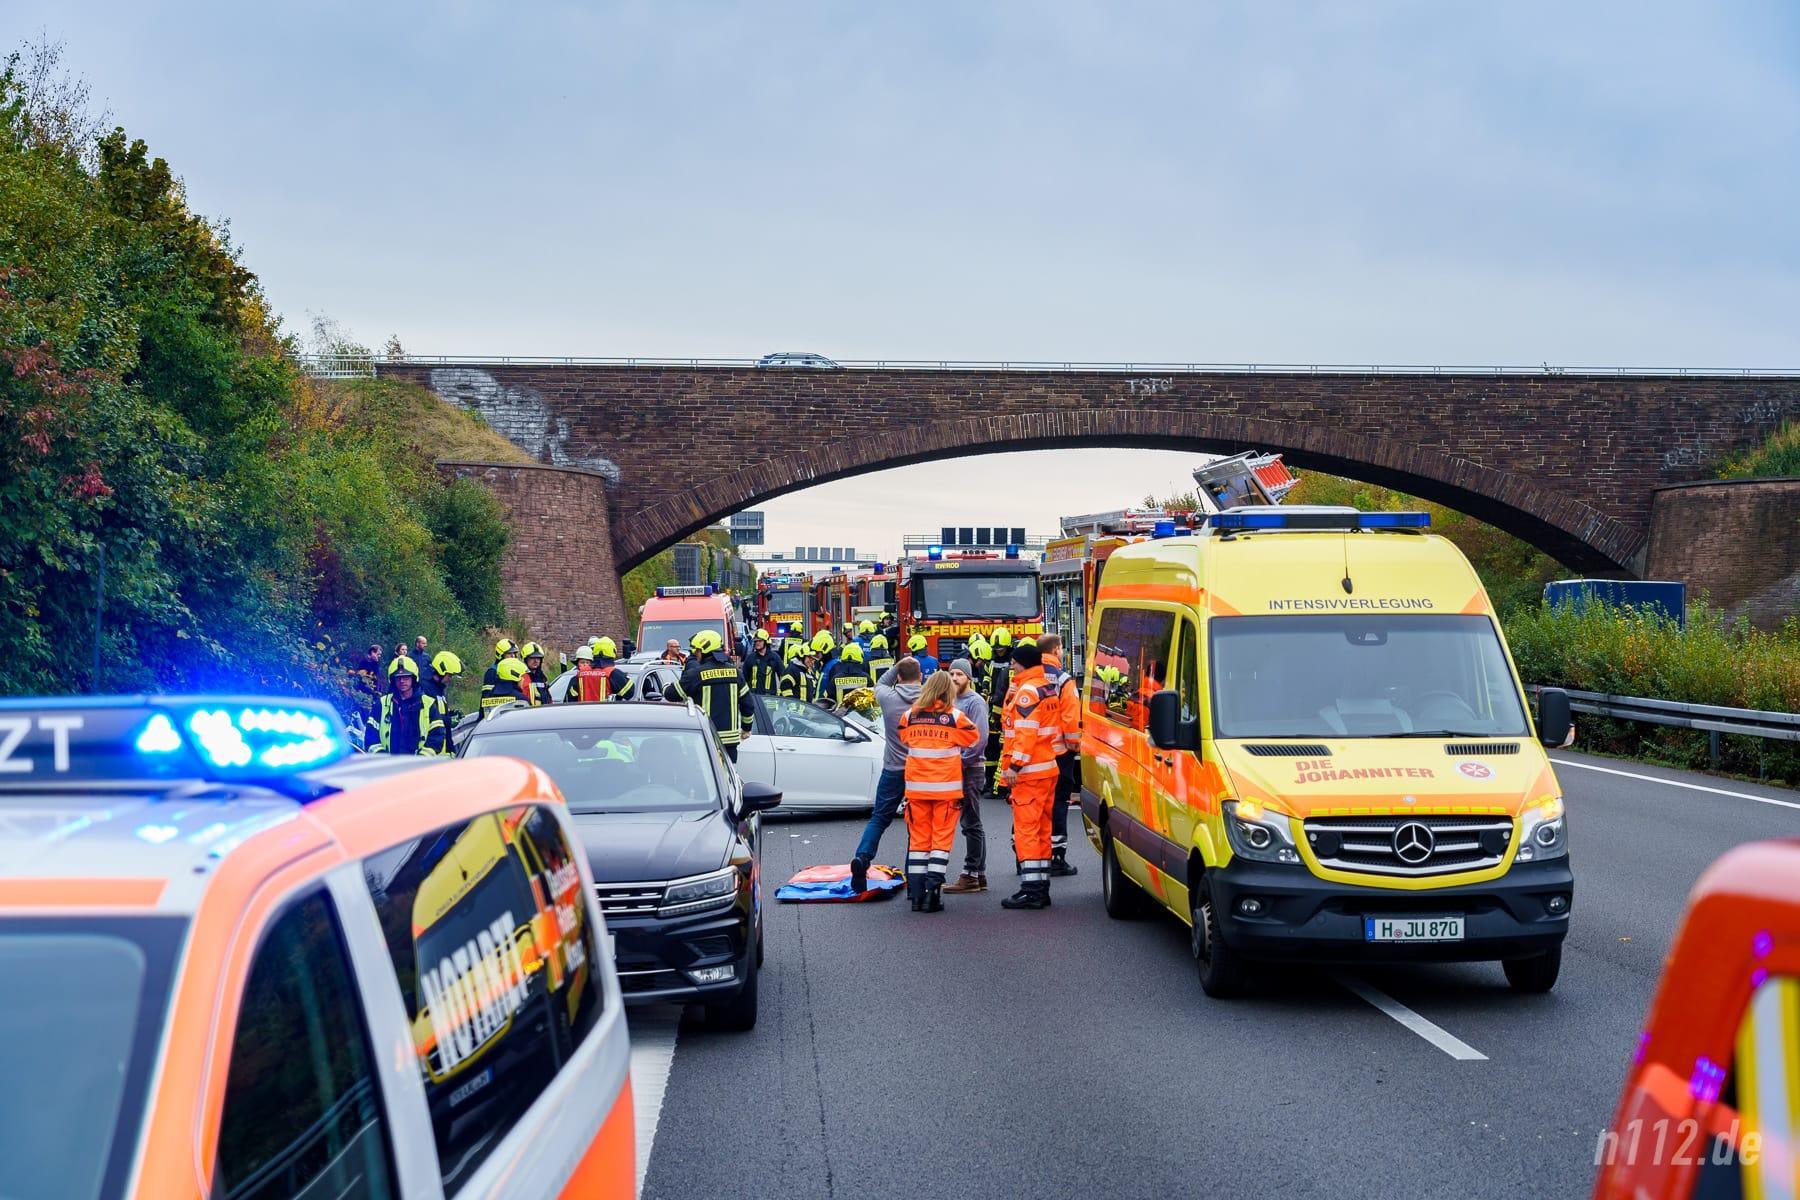 Der knallgelbe ITW der Johanniter aus Hannover war als erstes Rettungsfahrzeug zufällig auf die Einsatzstelle zugekommen (Foto: n112.de/Stefan Simonsen)